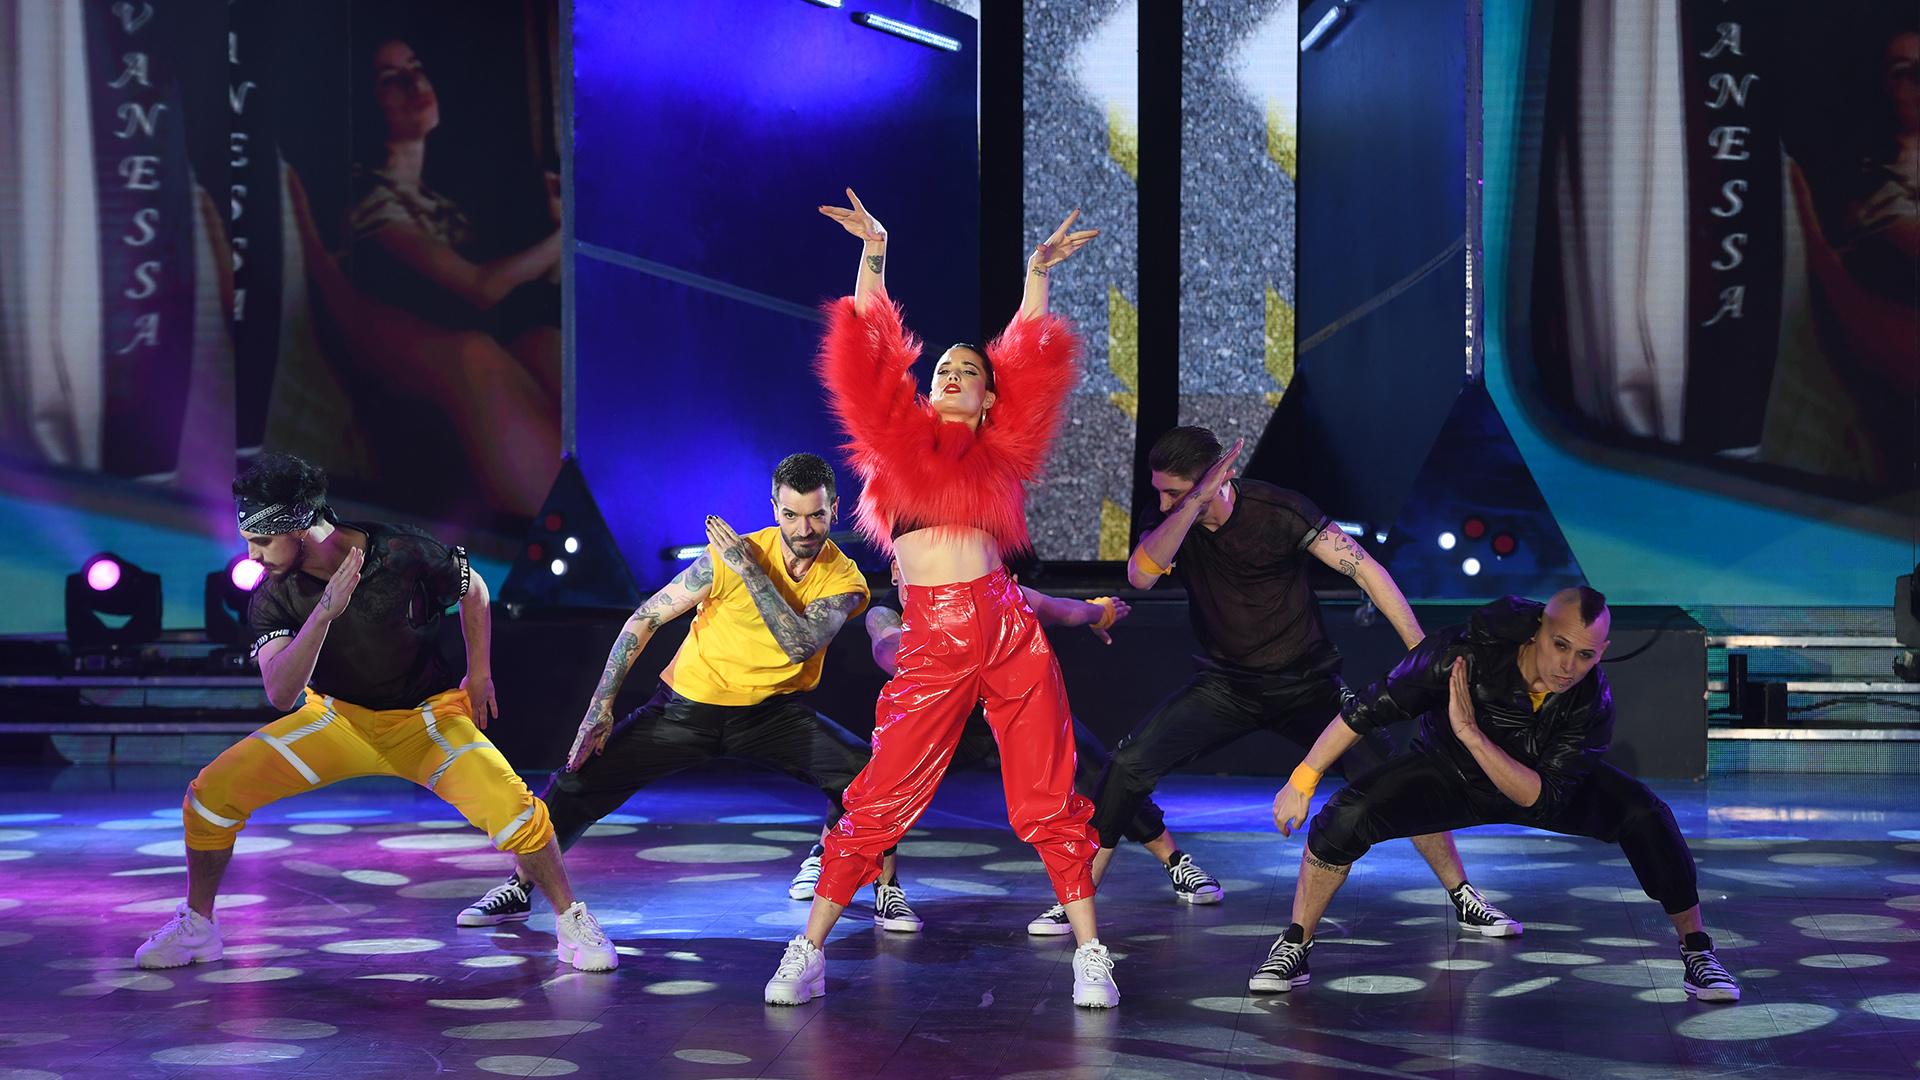 """Florencia Torrente en medio de su coreografía basada en el videoclip de """"Malamente"""", de Rosalía. Y como suele ser habitual en ella… ¡descollo! (Foto: Prensa LaFlia / Negro Luengo)"""